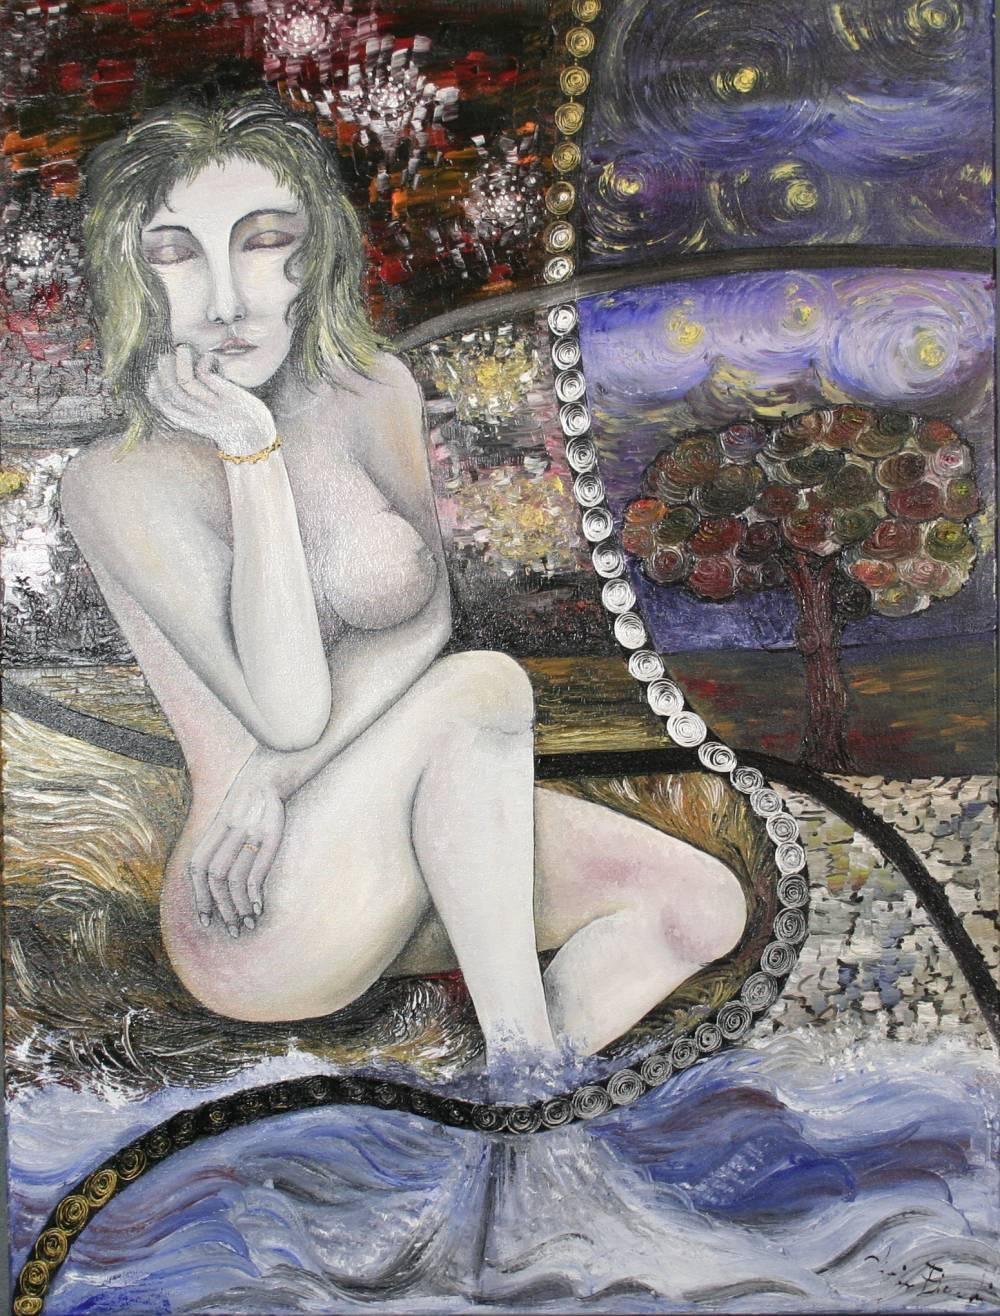 LA NOTTE DI LORENZA - quadro 60 cm x h 80 cm - olio su tela - anno 2014